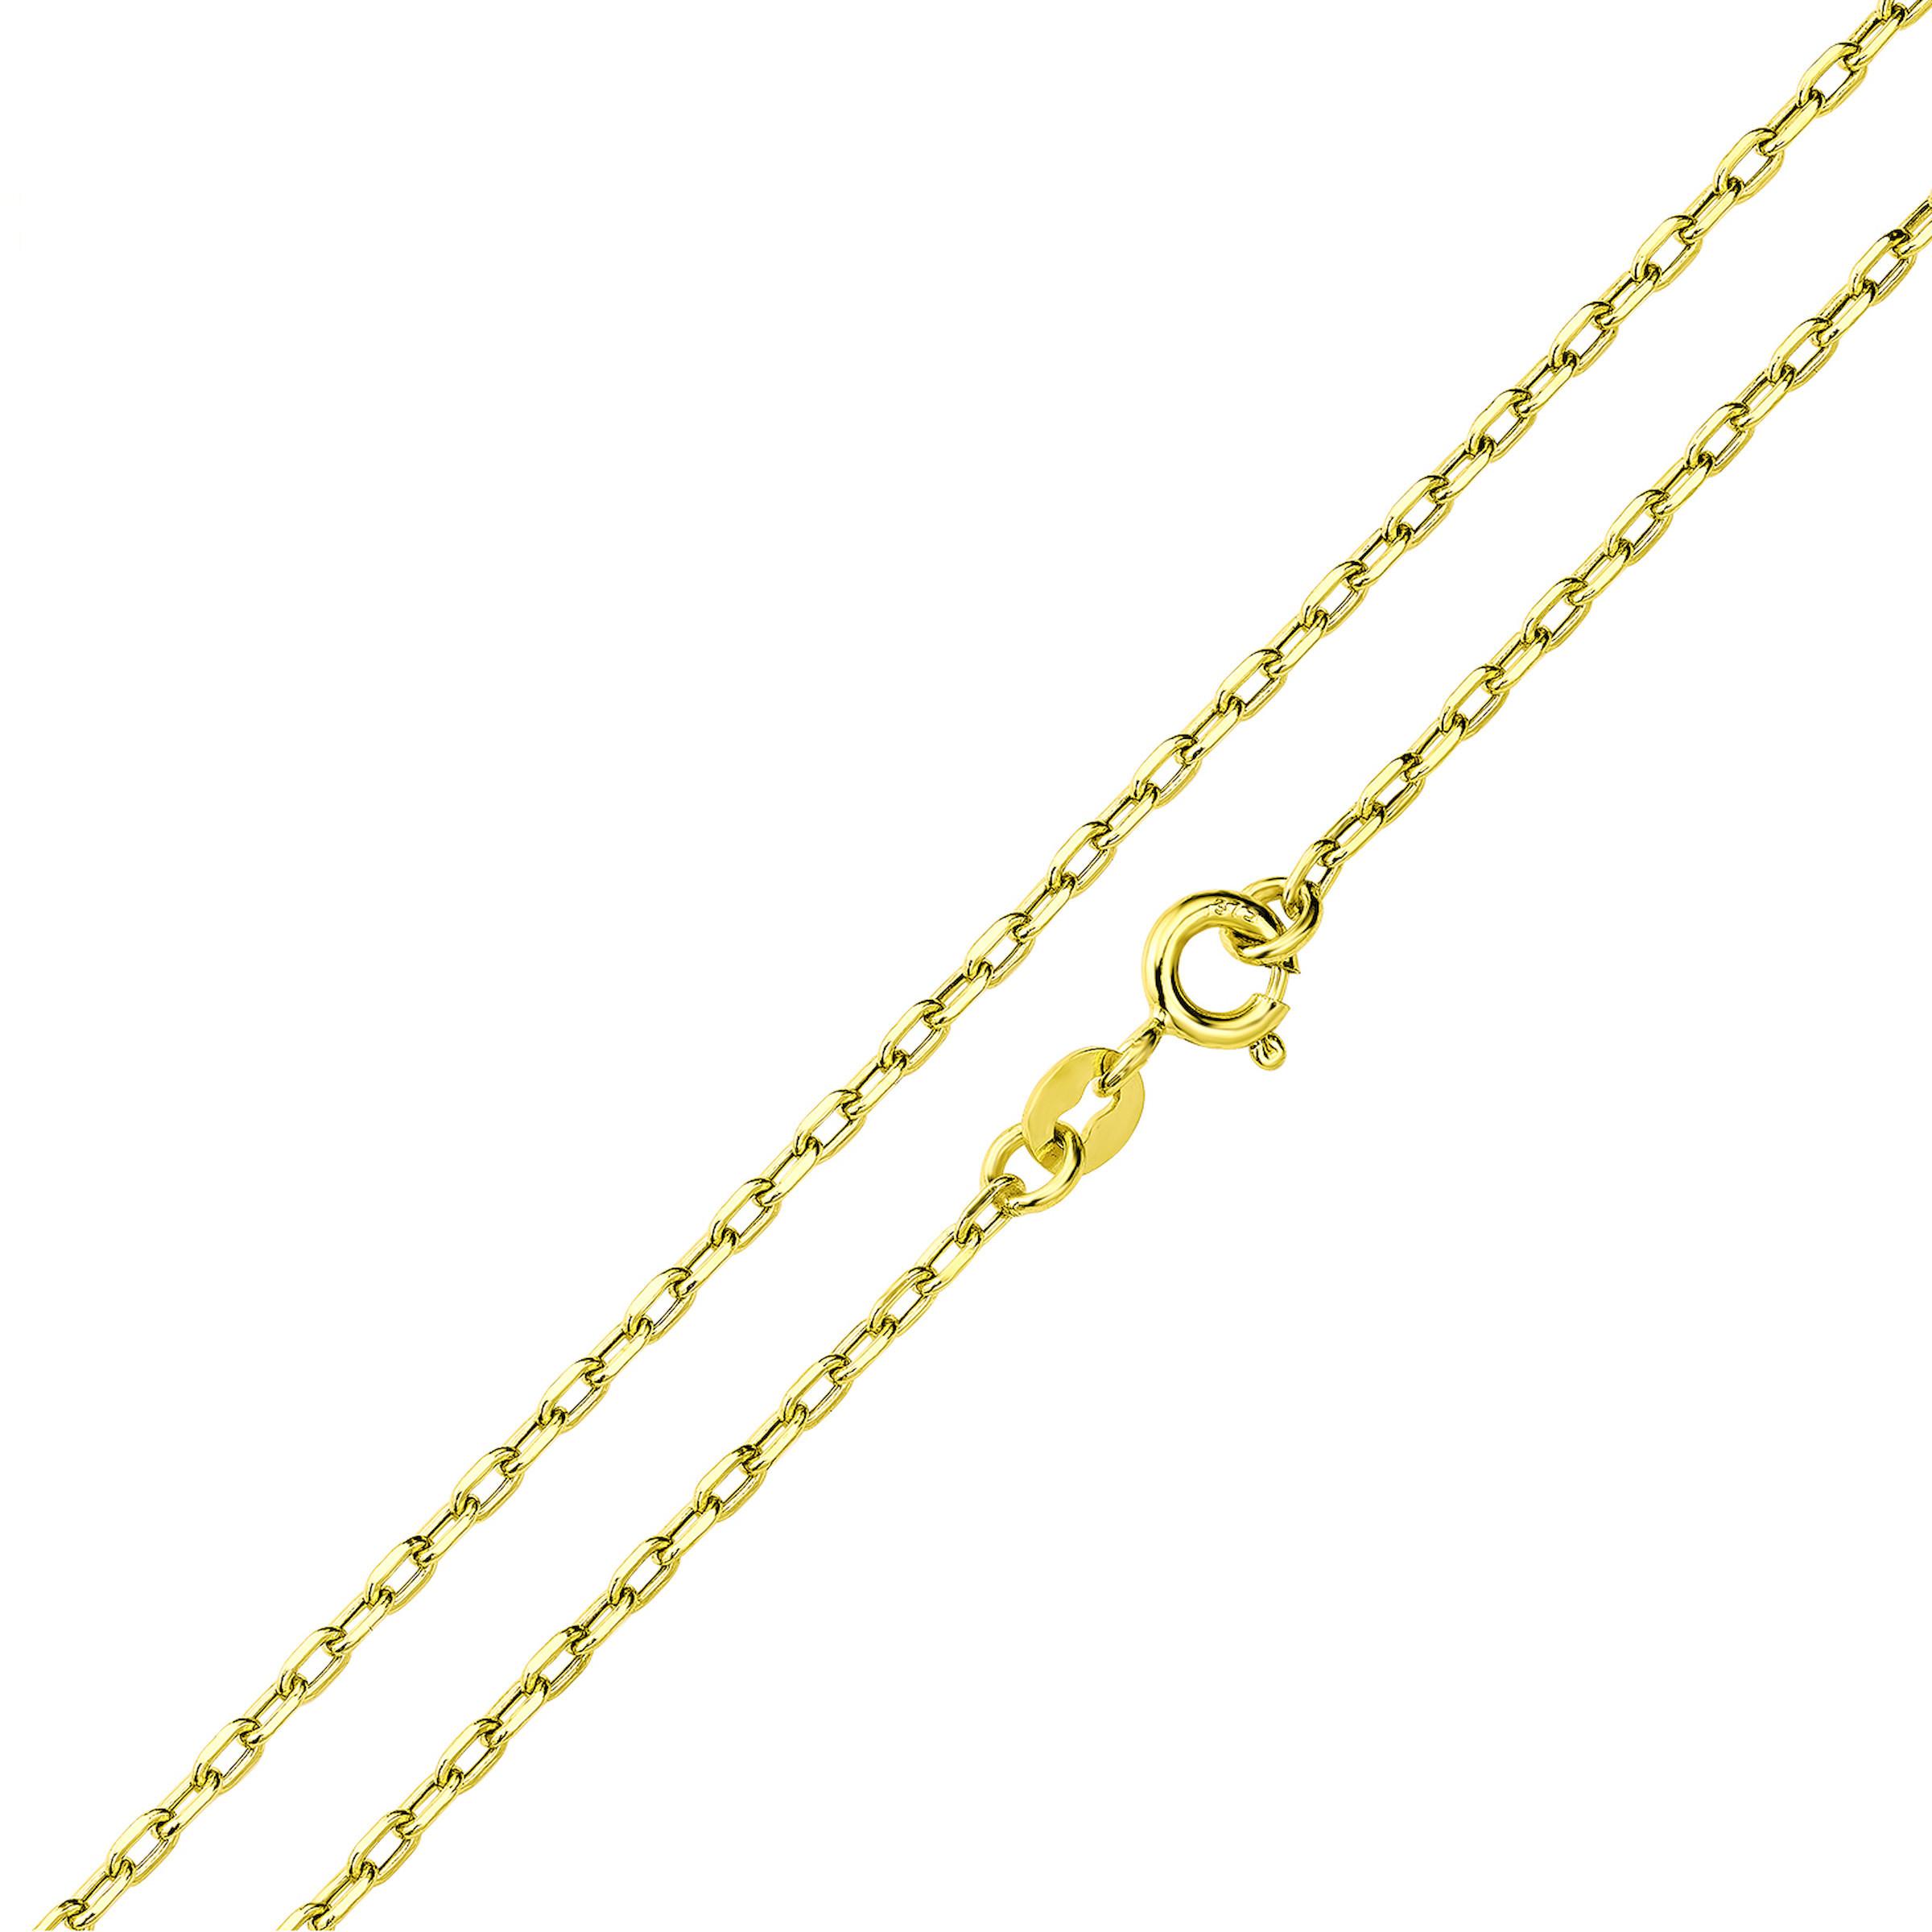 Halskette Gold 375/9 ct kein Motiv